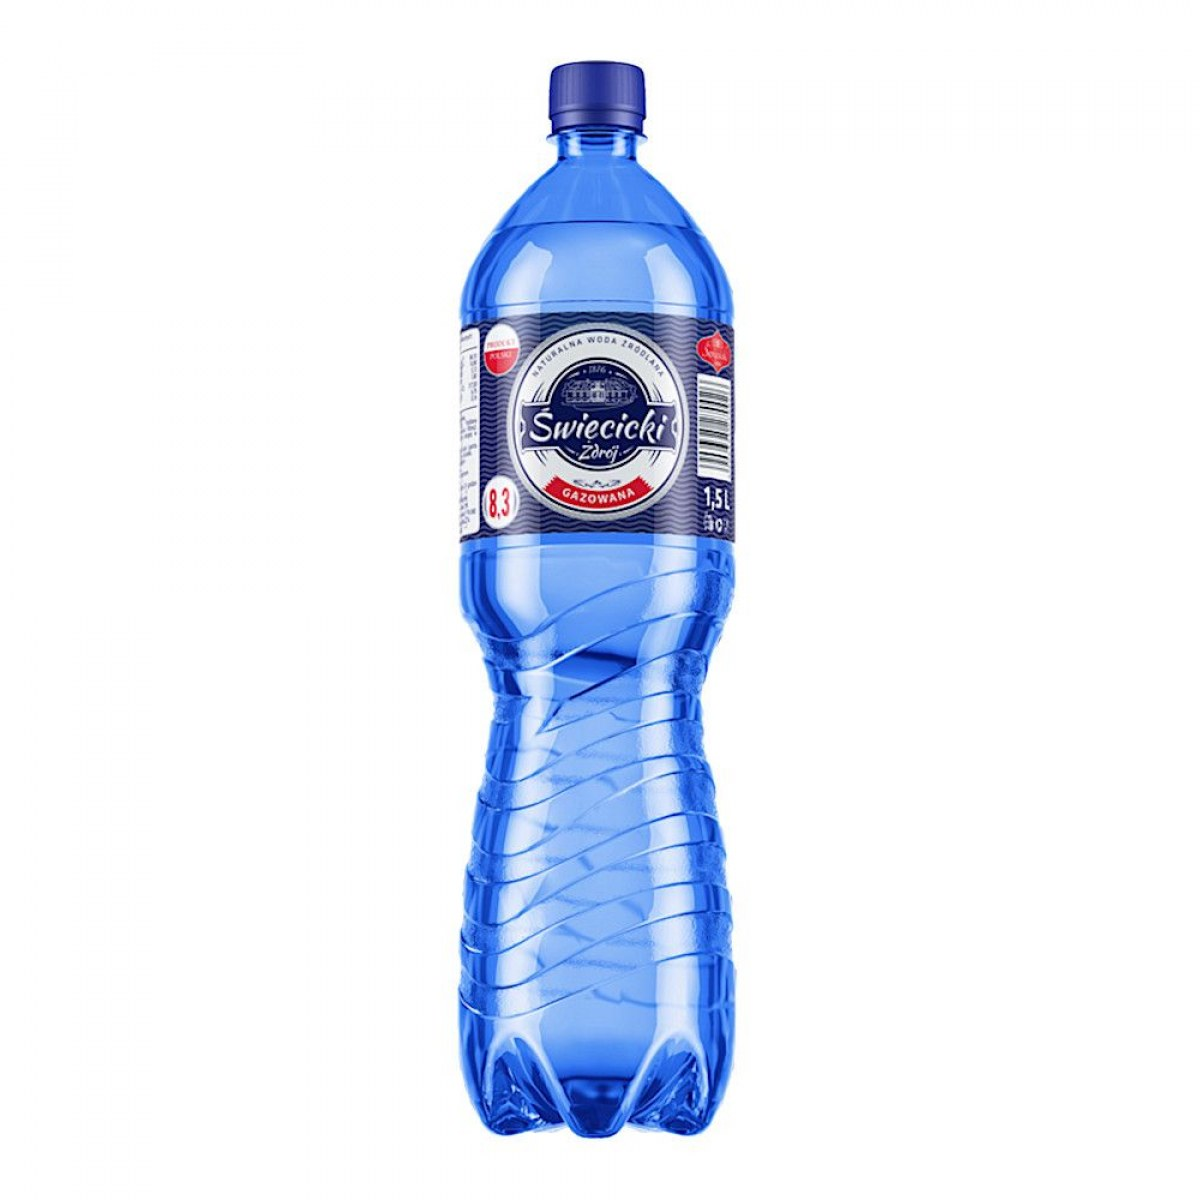 WODA GAZOWANA ŚWIĘCICKI 1,5 L